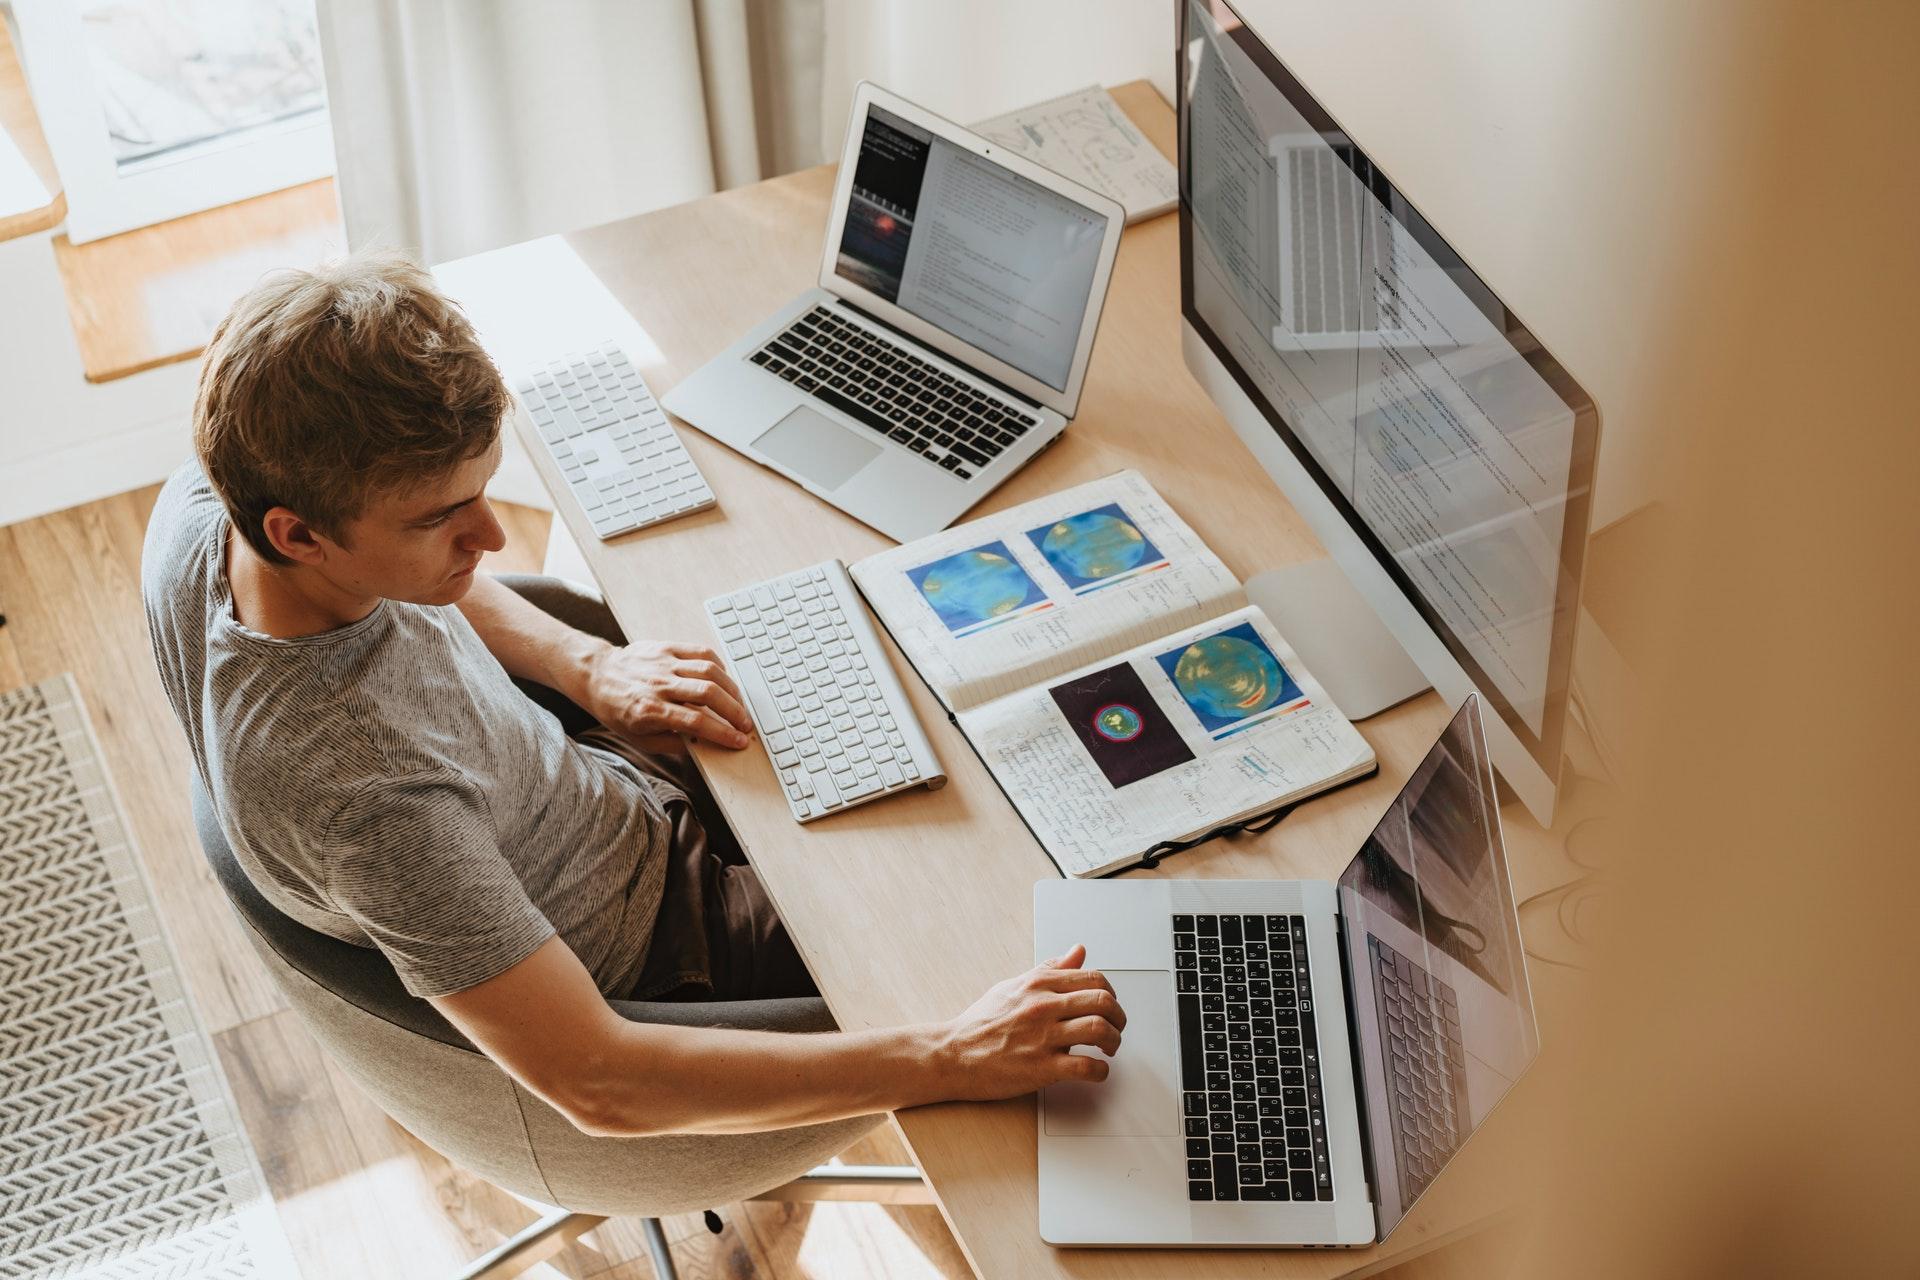 Mann am Schreibtisch nimmt an einem Online-Seminar teil.